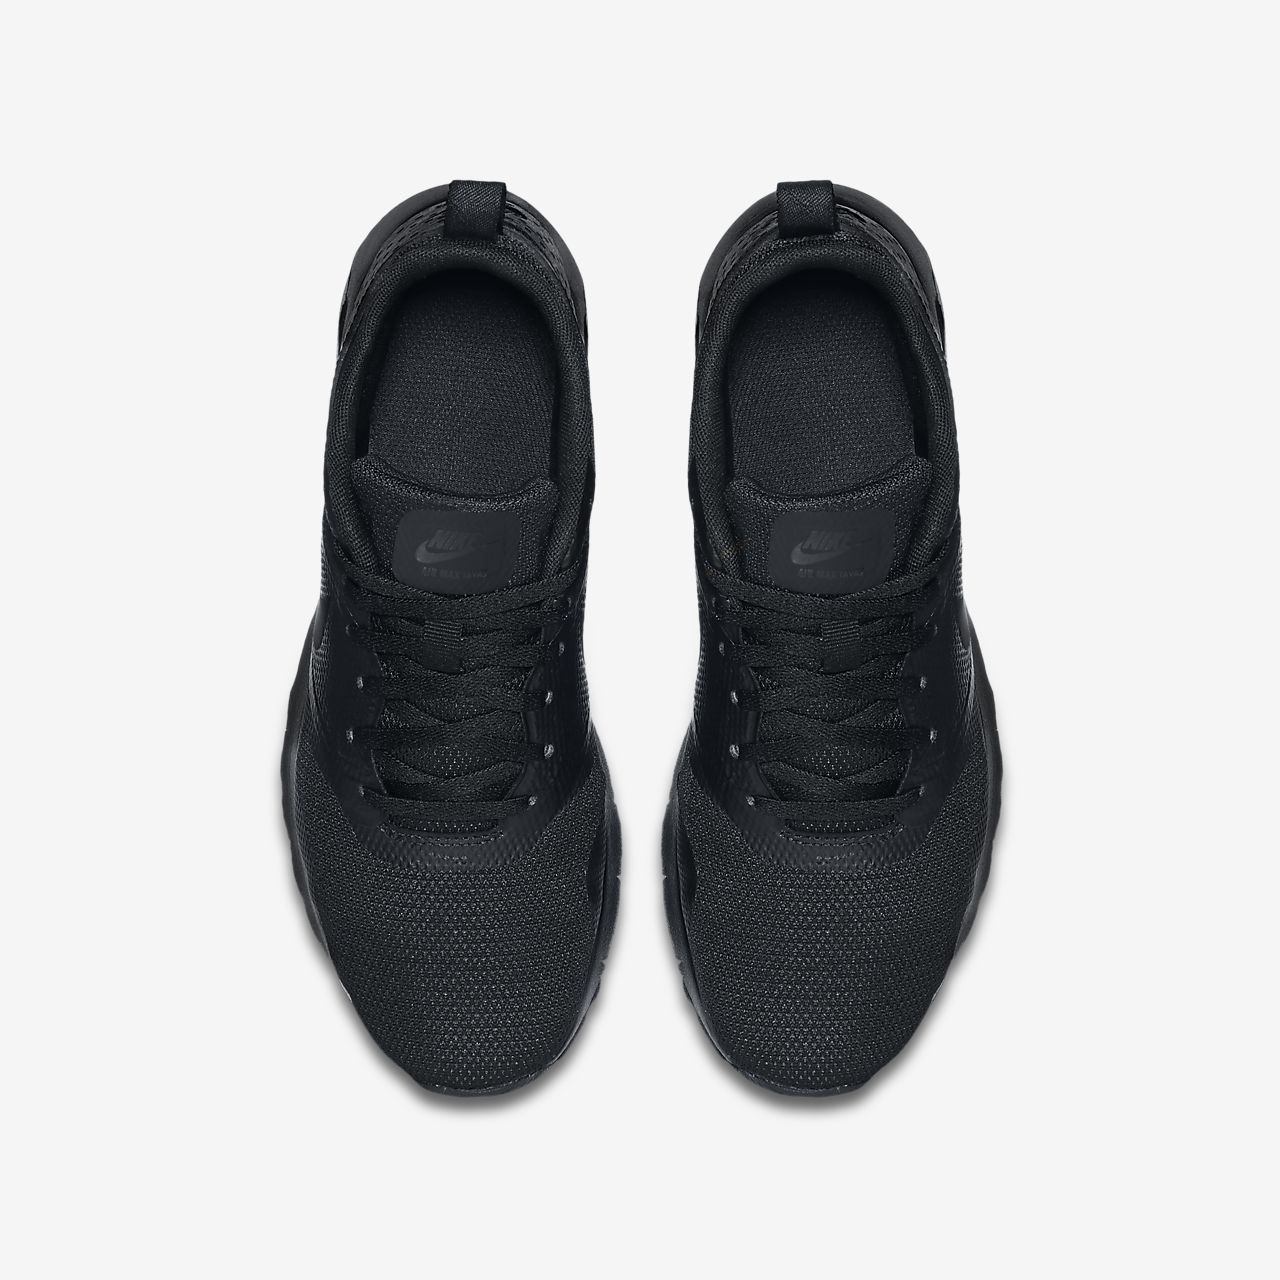 94ea6f2fc86da5 Nike Air Max Tavas Older Kids  Shoe. Nike.com AU